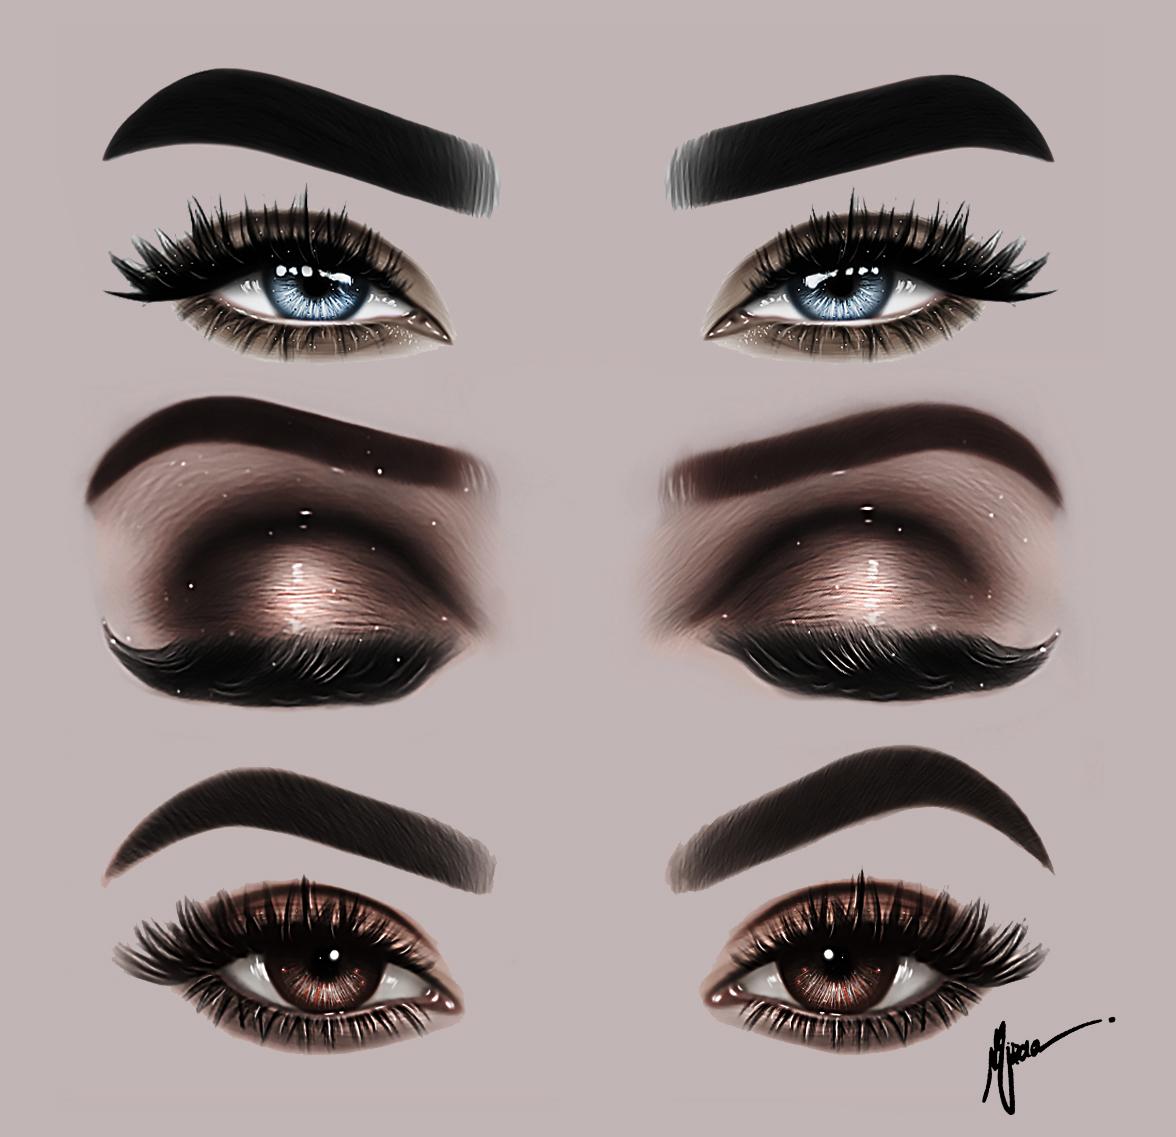 1176x1137 Eyes Negrila Mircea